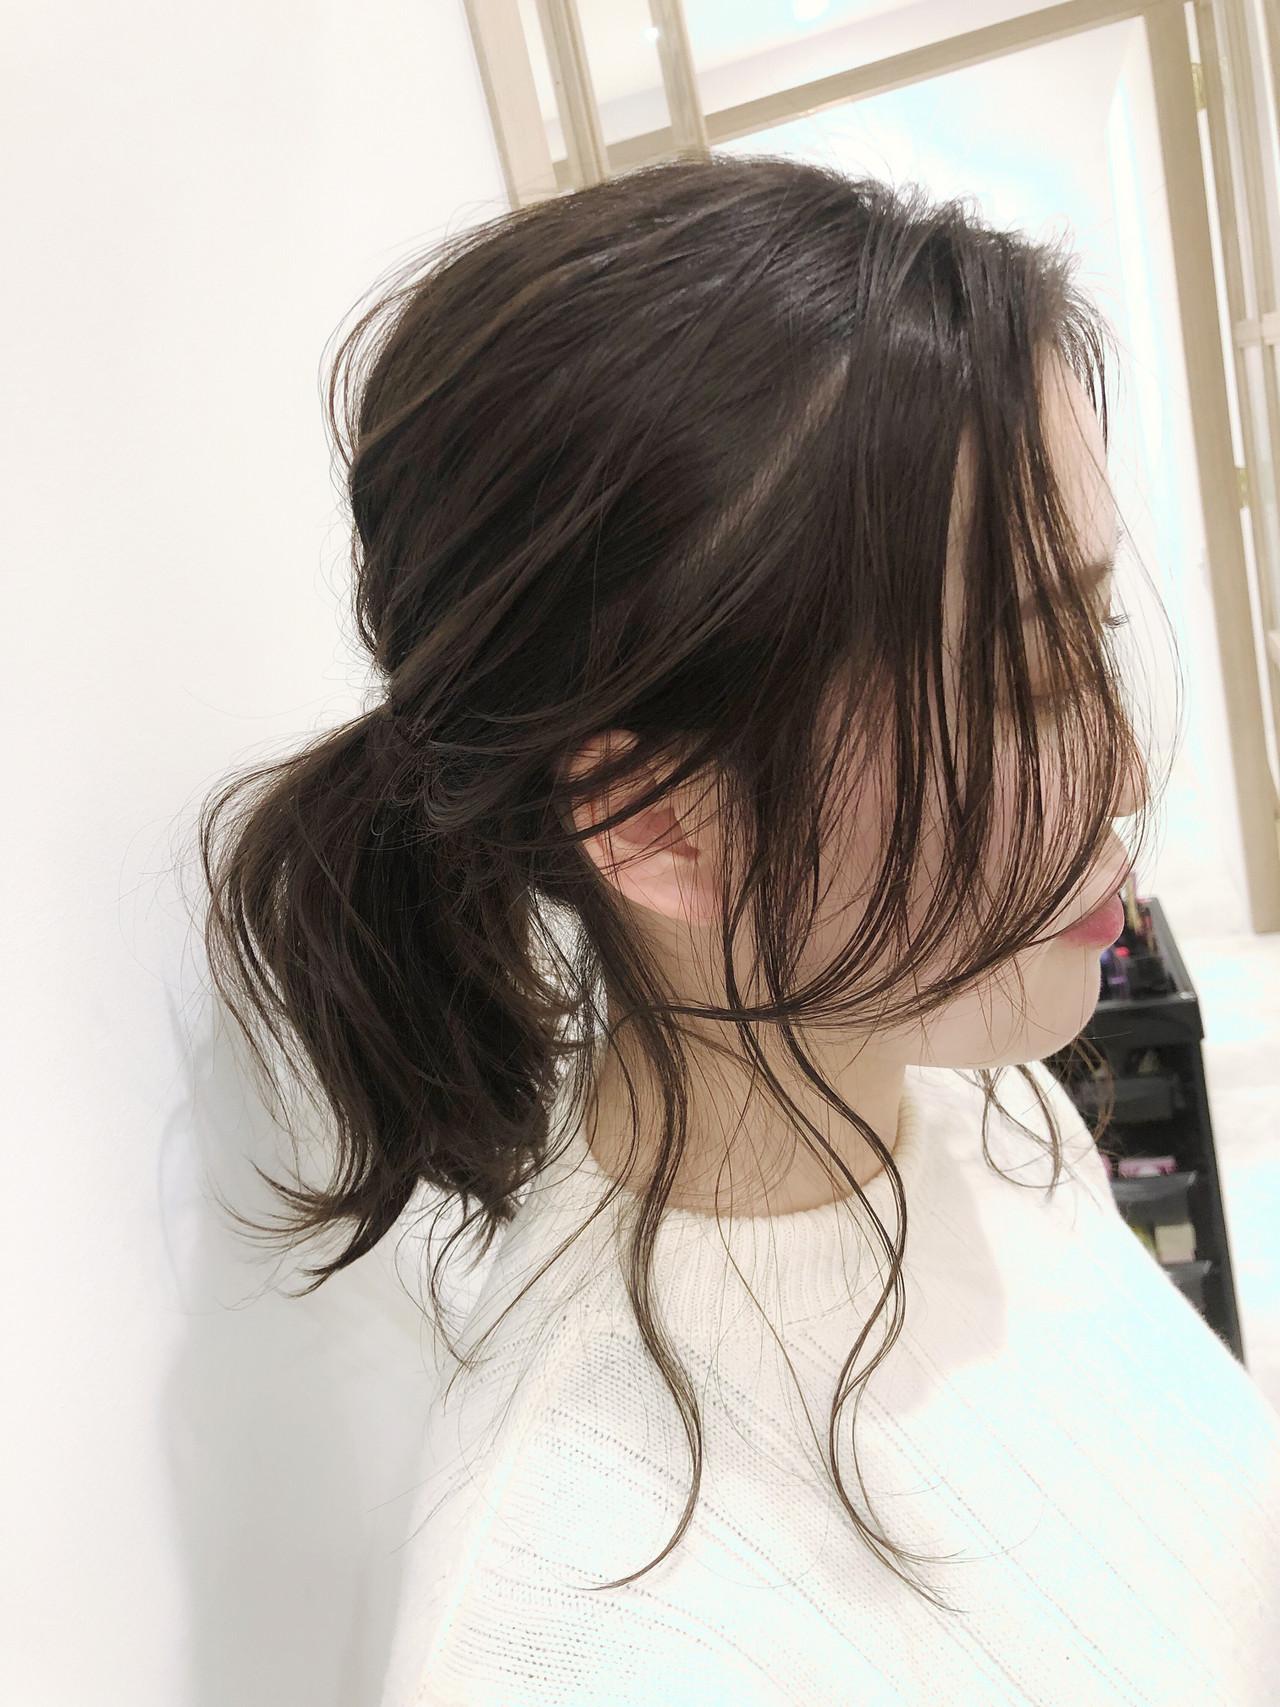 ローポニーテール 簡単ヘアアレンジ ポニーテールアレンジ ナチュラルヘアスタイルや髪型の写真・画像